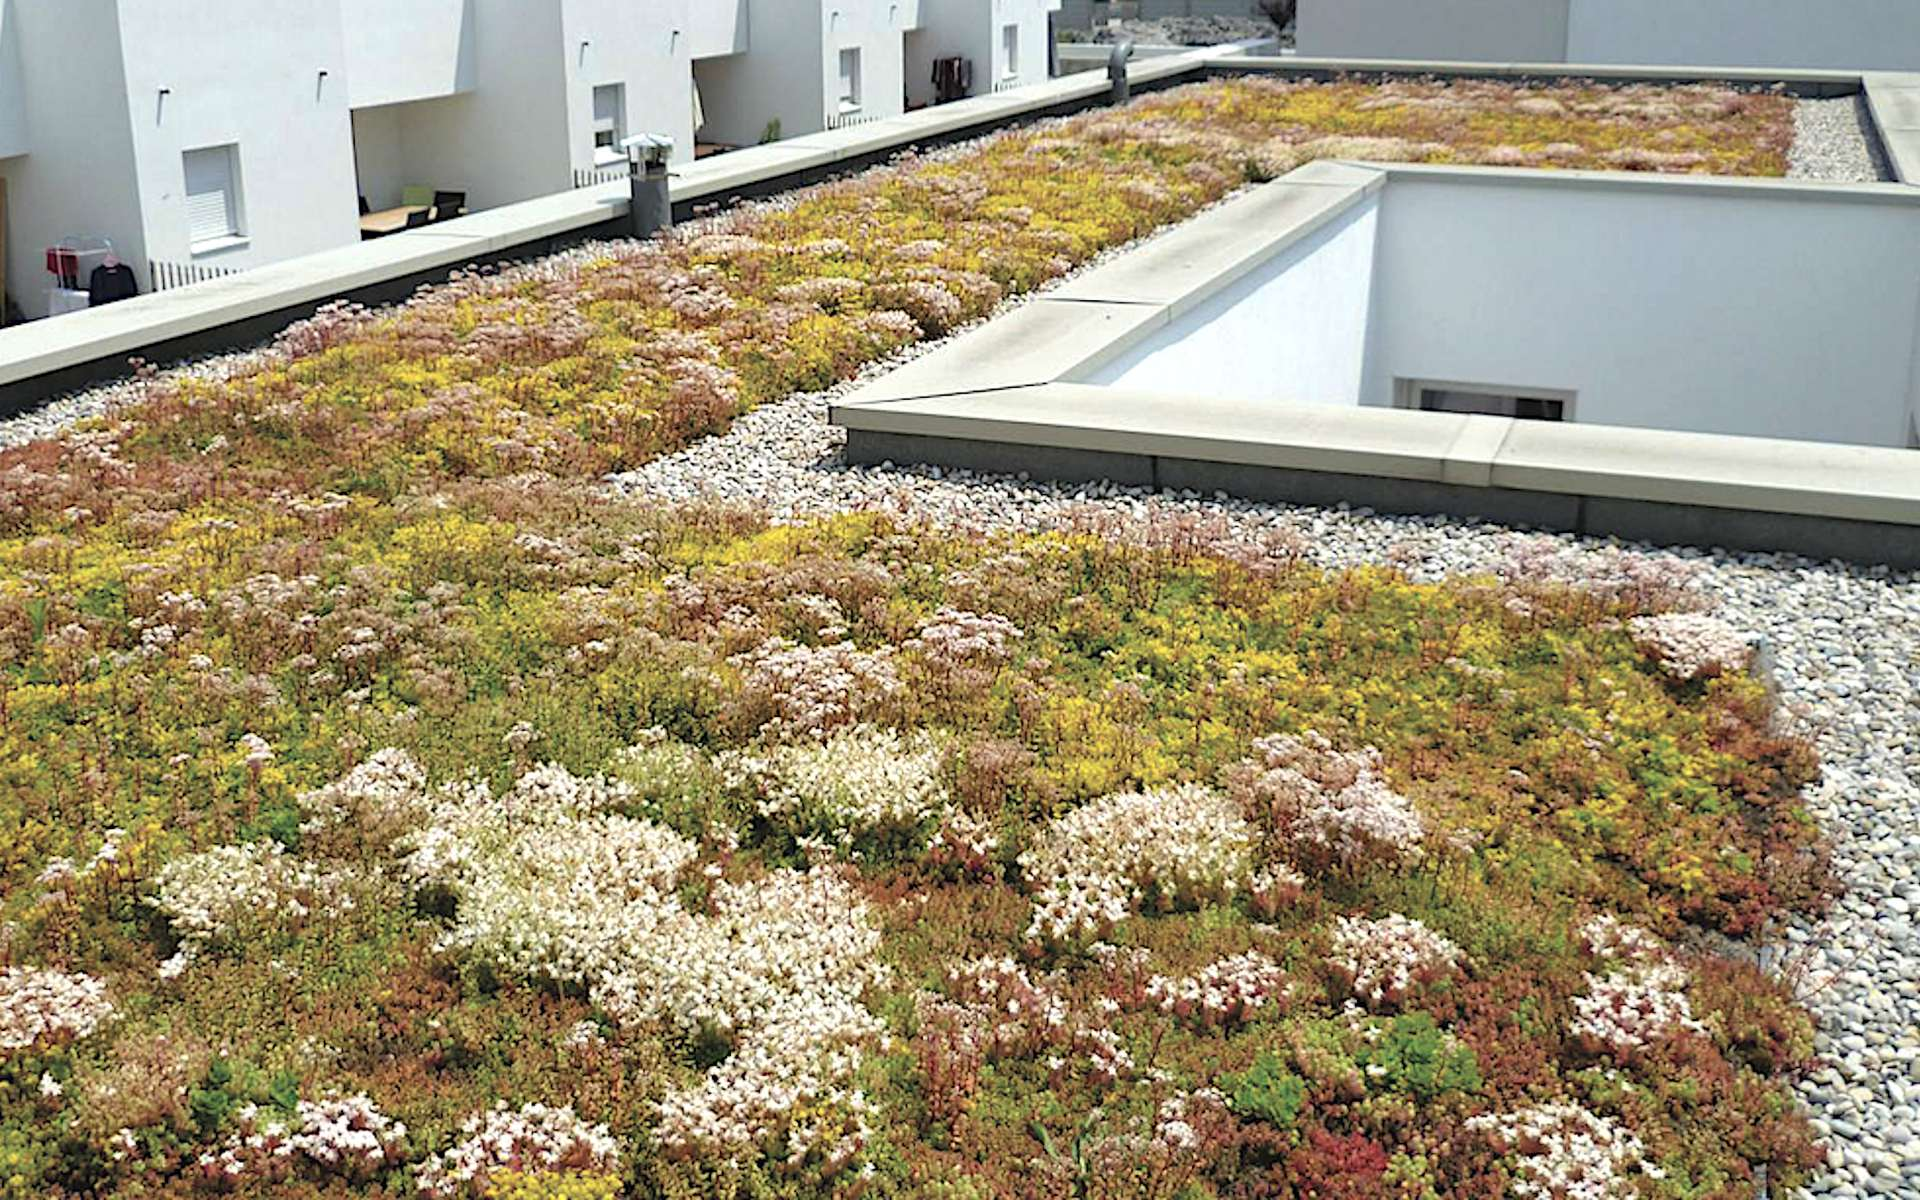 Ici, l'acrotère entoure une toiture en terrasse végétalisée. © Soprema